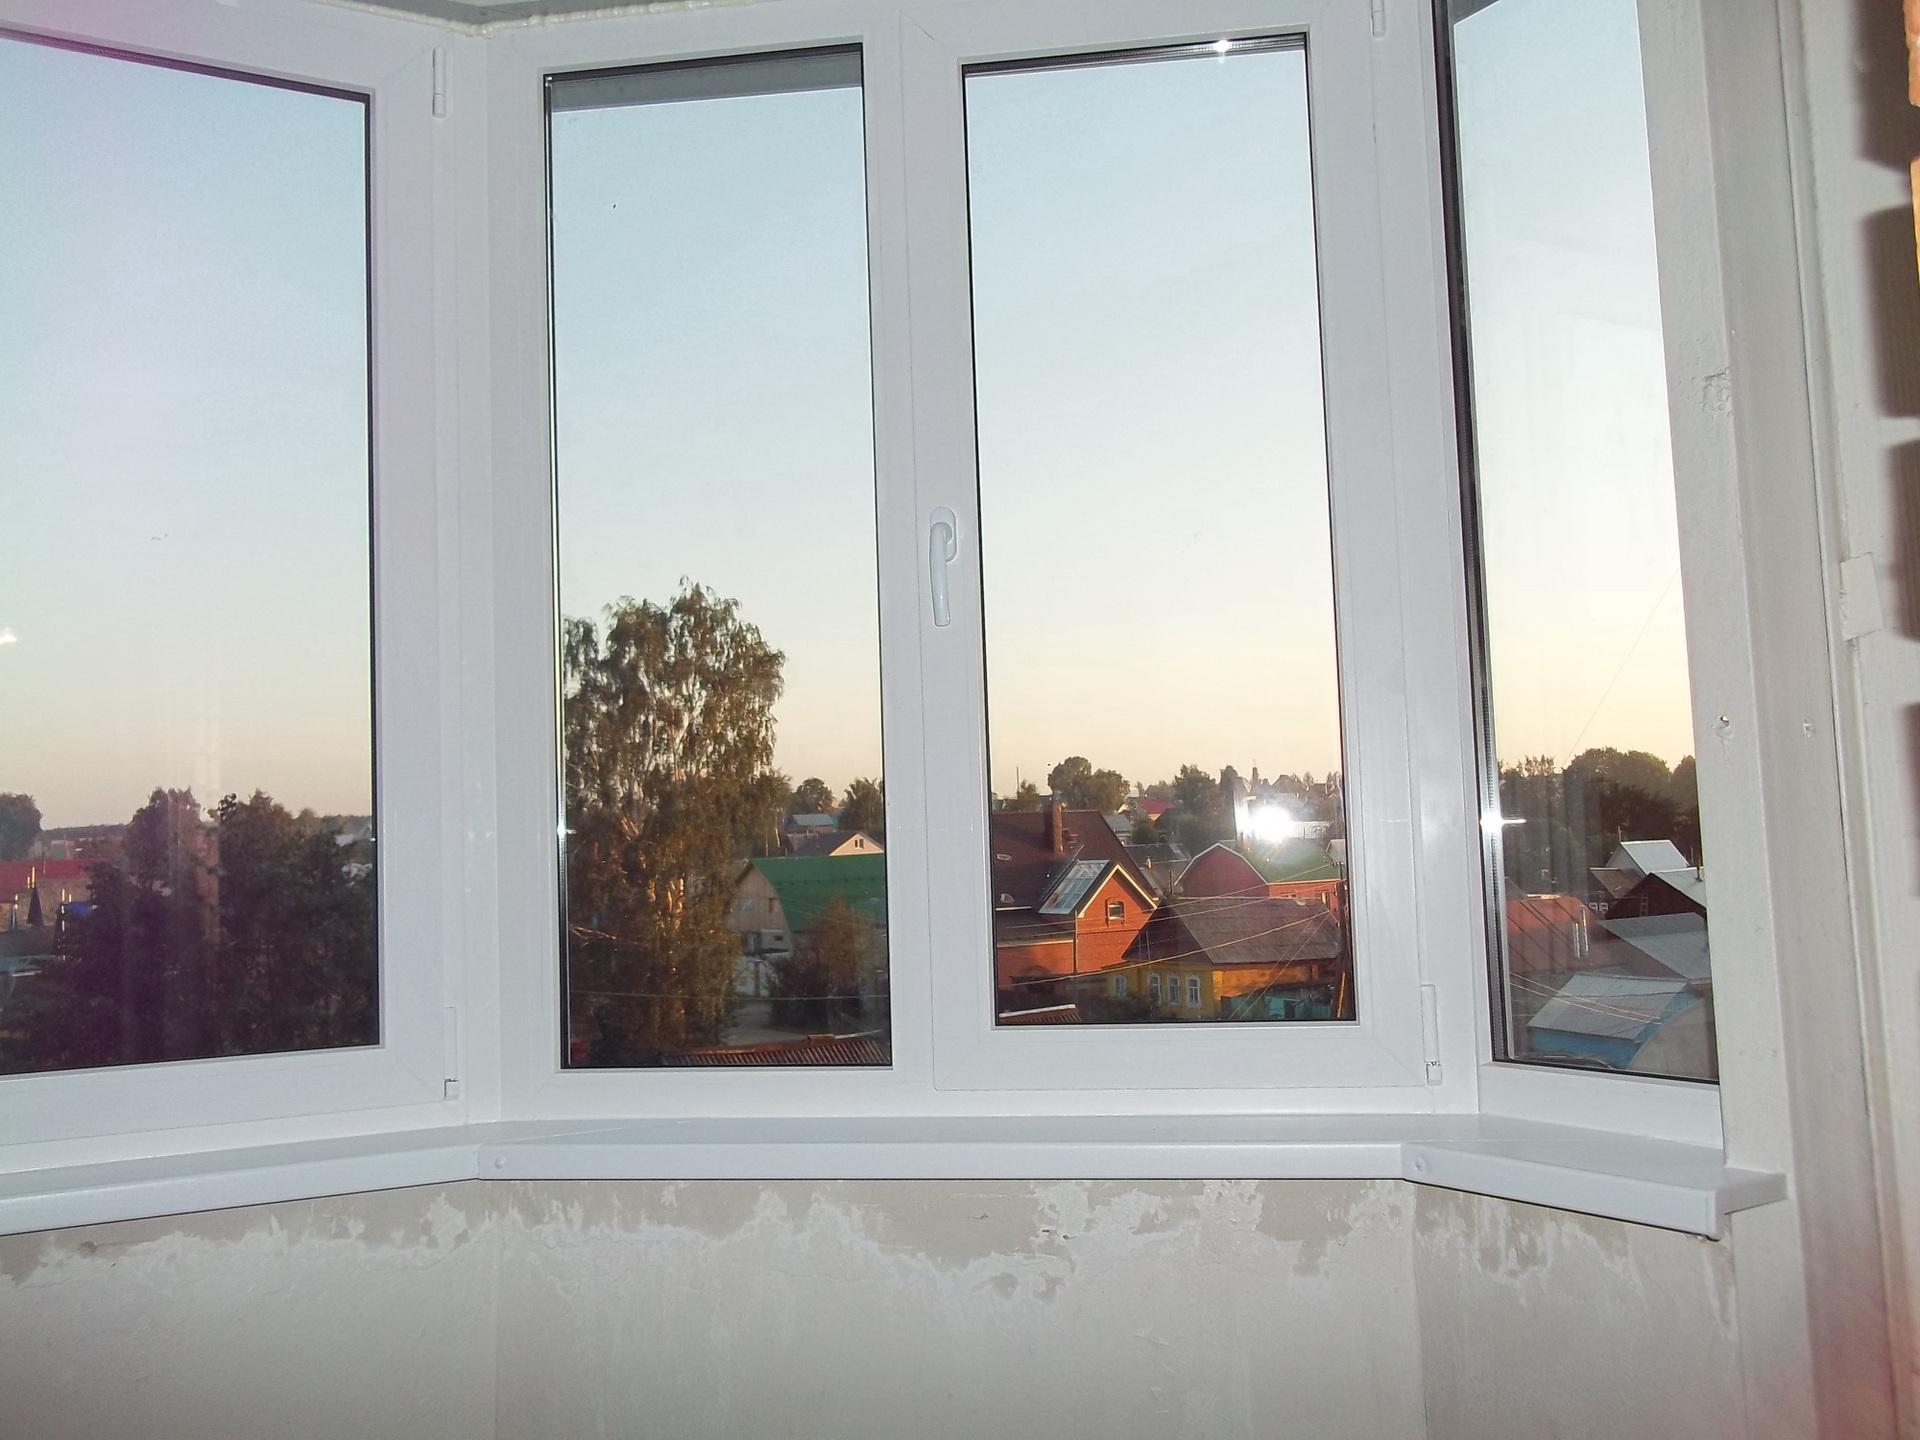 Балконные пластиковые окна - качество по выгодной цене.